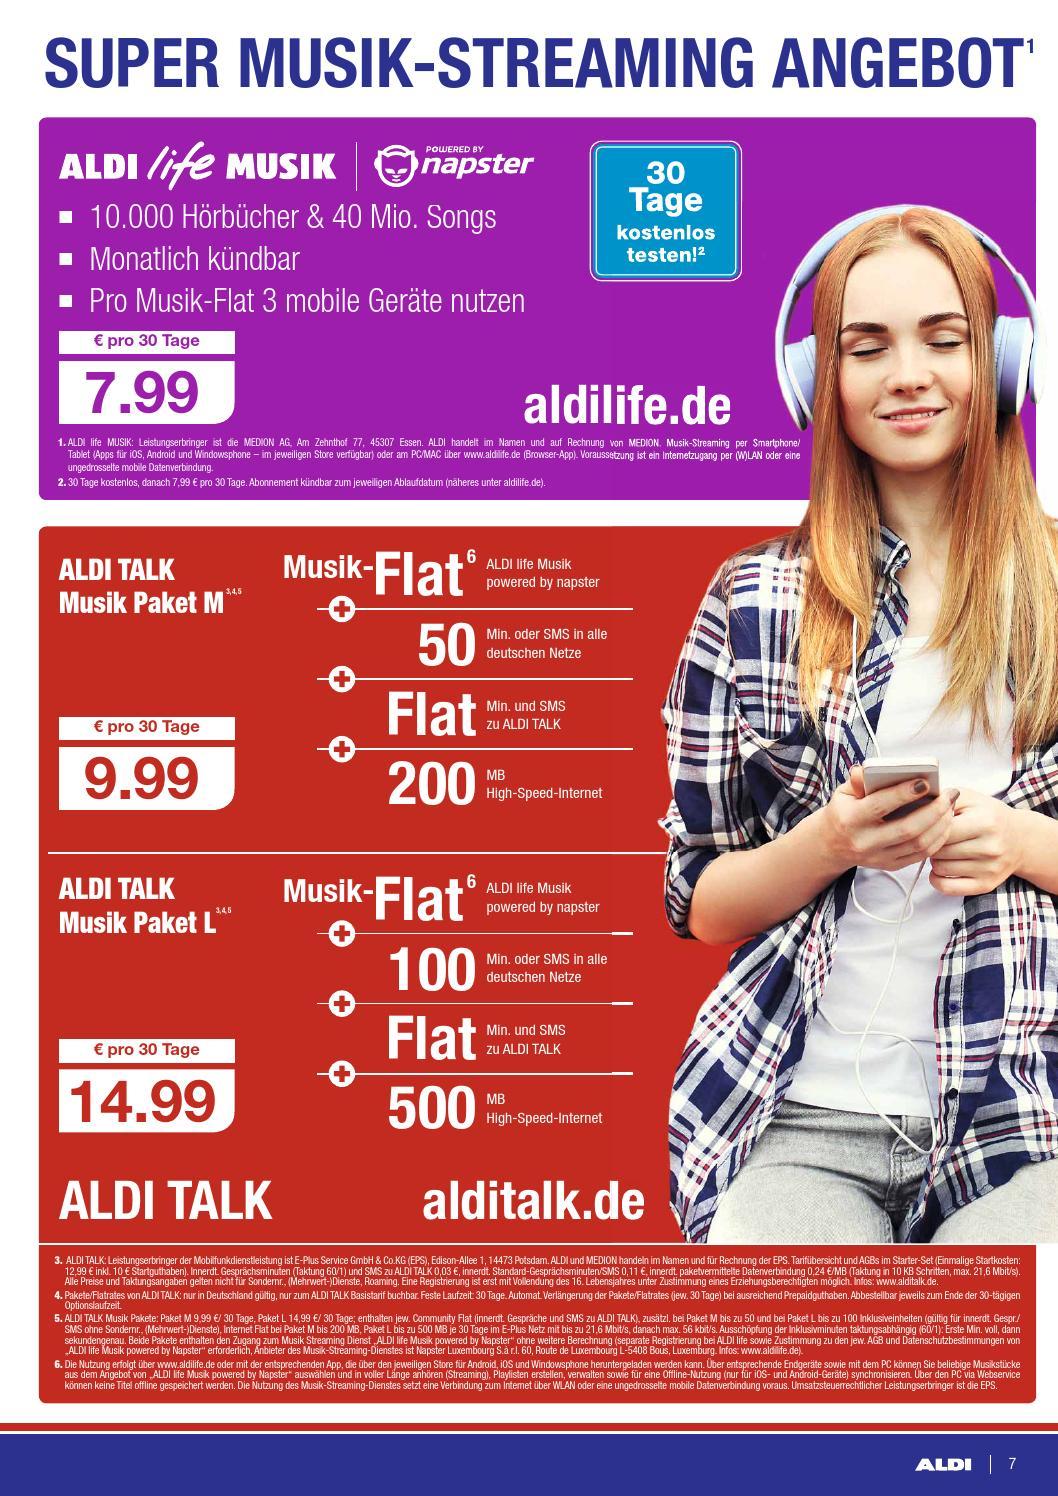 Aldi Talk Ablaufdatum